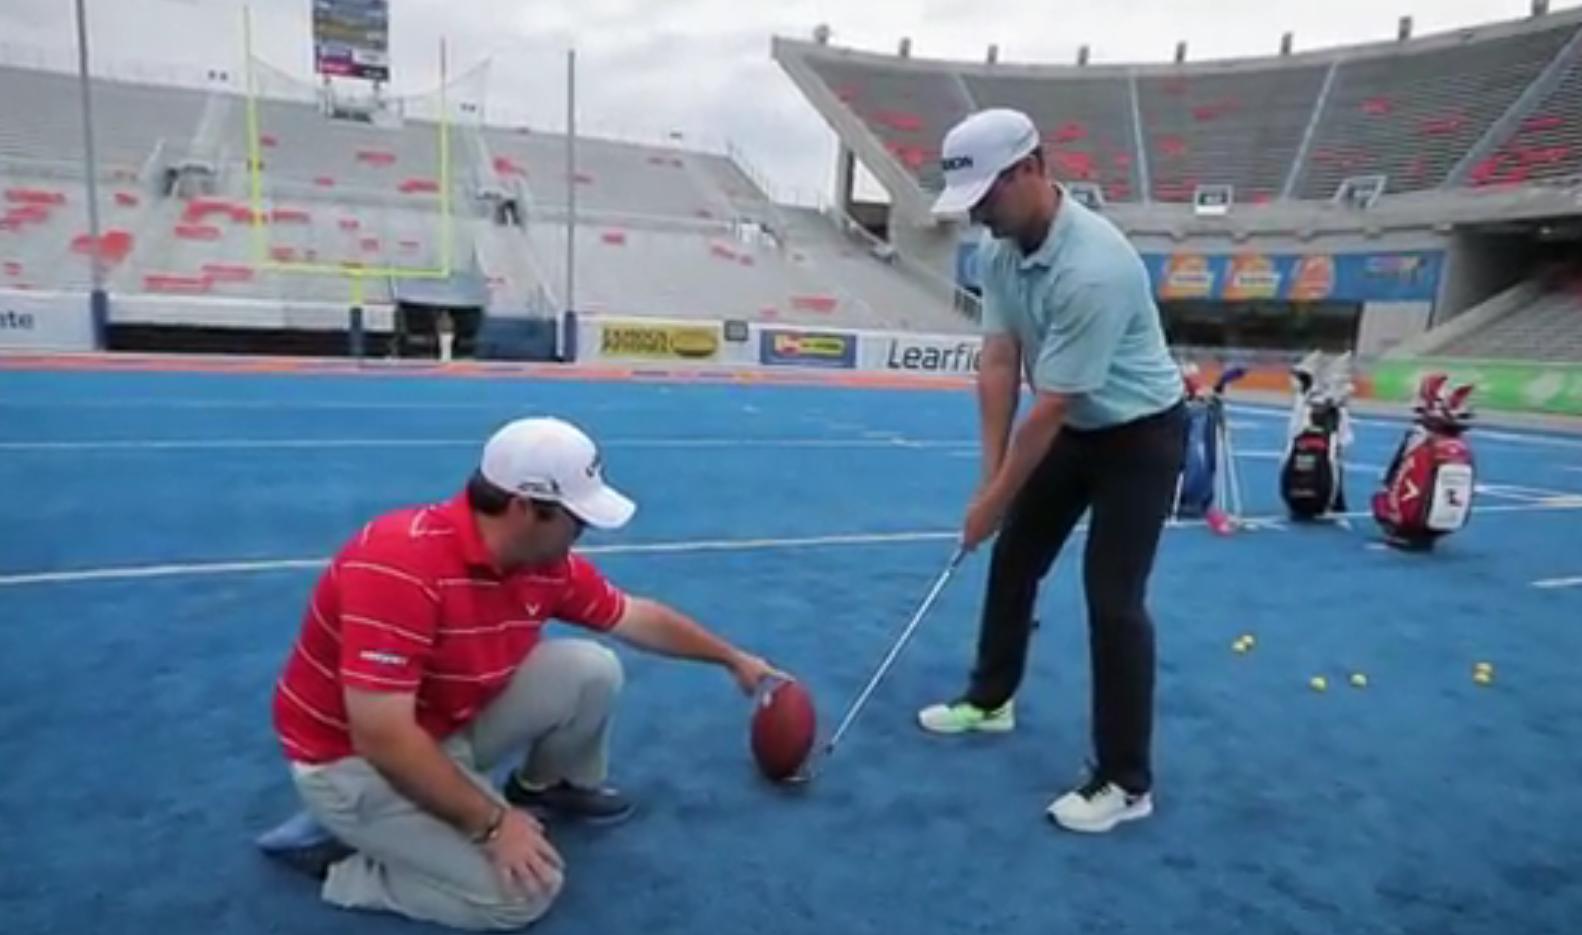 Rick Lamb attempts a 33-yard field goal with a golf club.